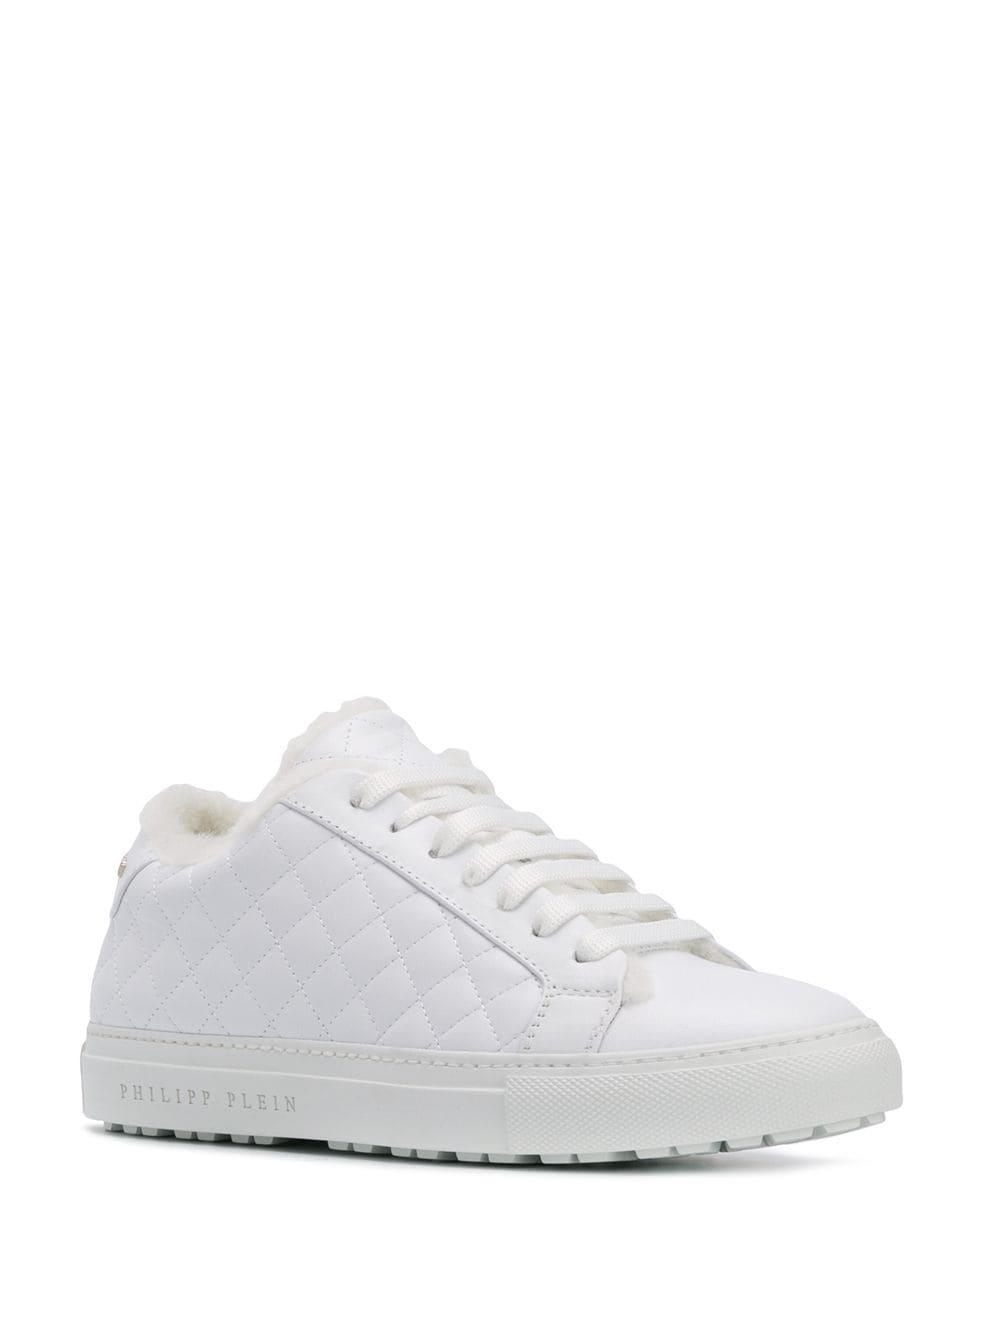 Zapatillas con acolchado a rombos Philipp Plein de Cuero de color Blanco